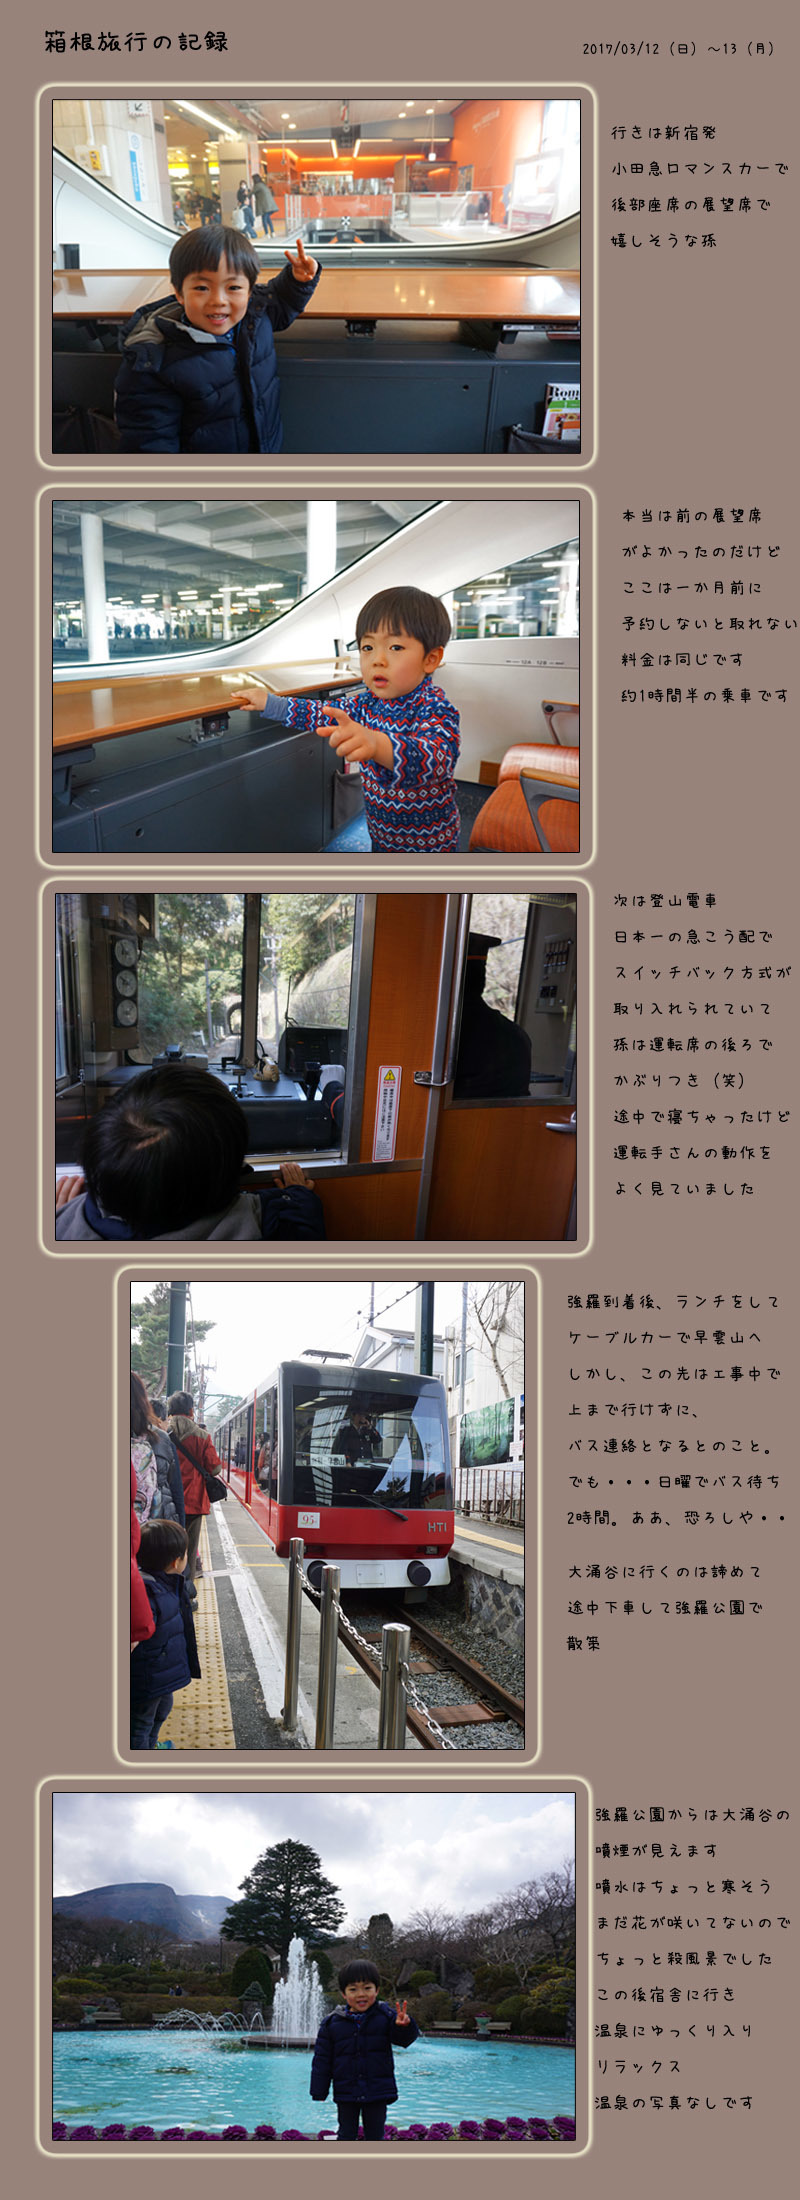 箱根旅行の記録 一日目_b0019313_15170517.jpg